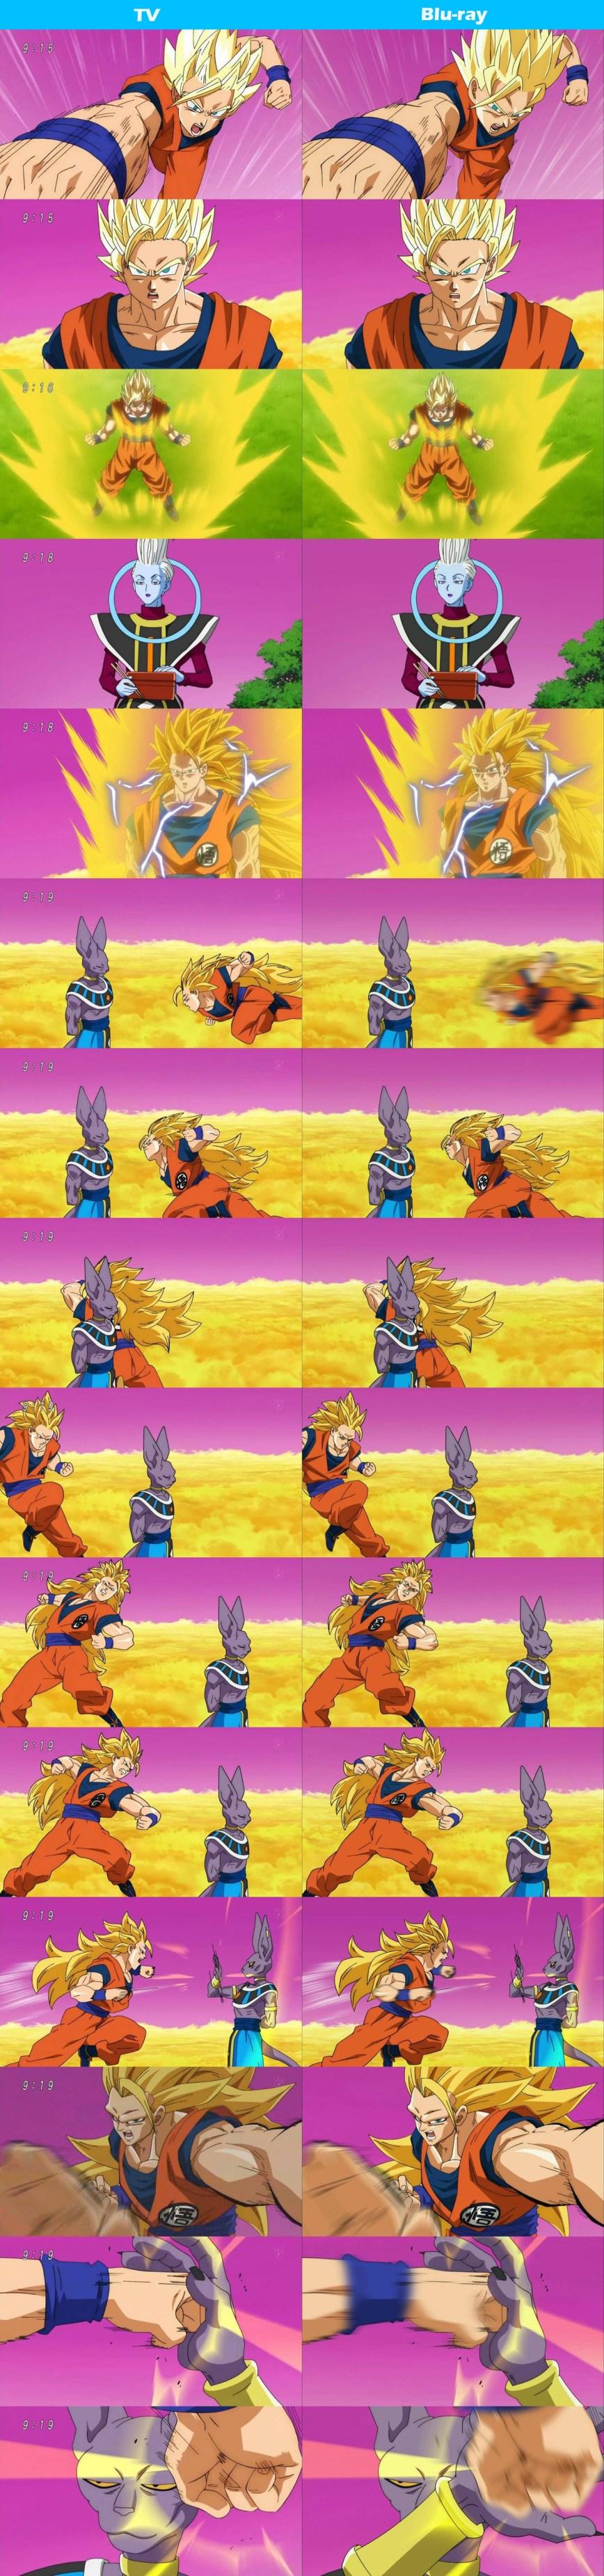 Dragon-Ball-Super-TV-and-Blu-Ray-Comparison-3